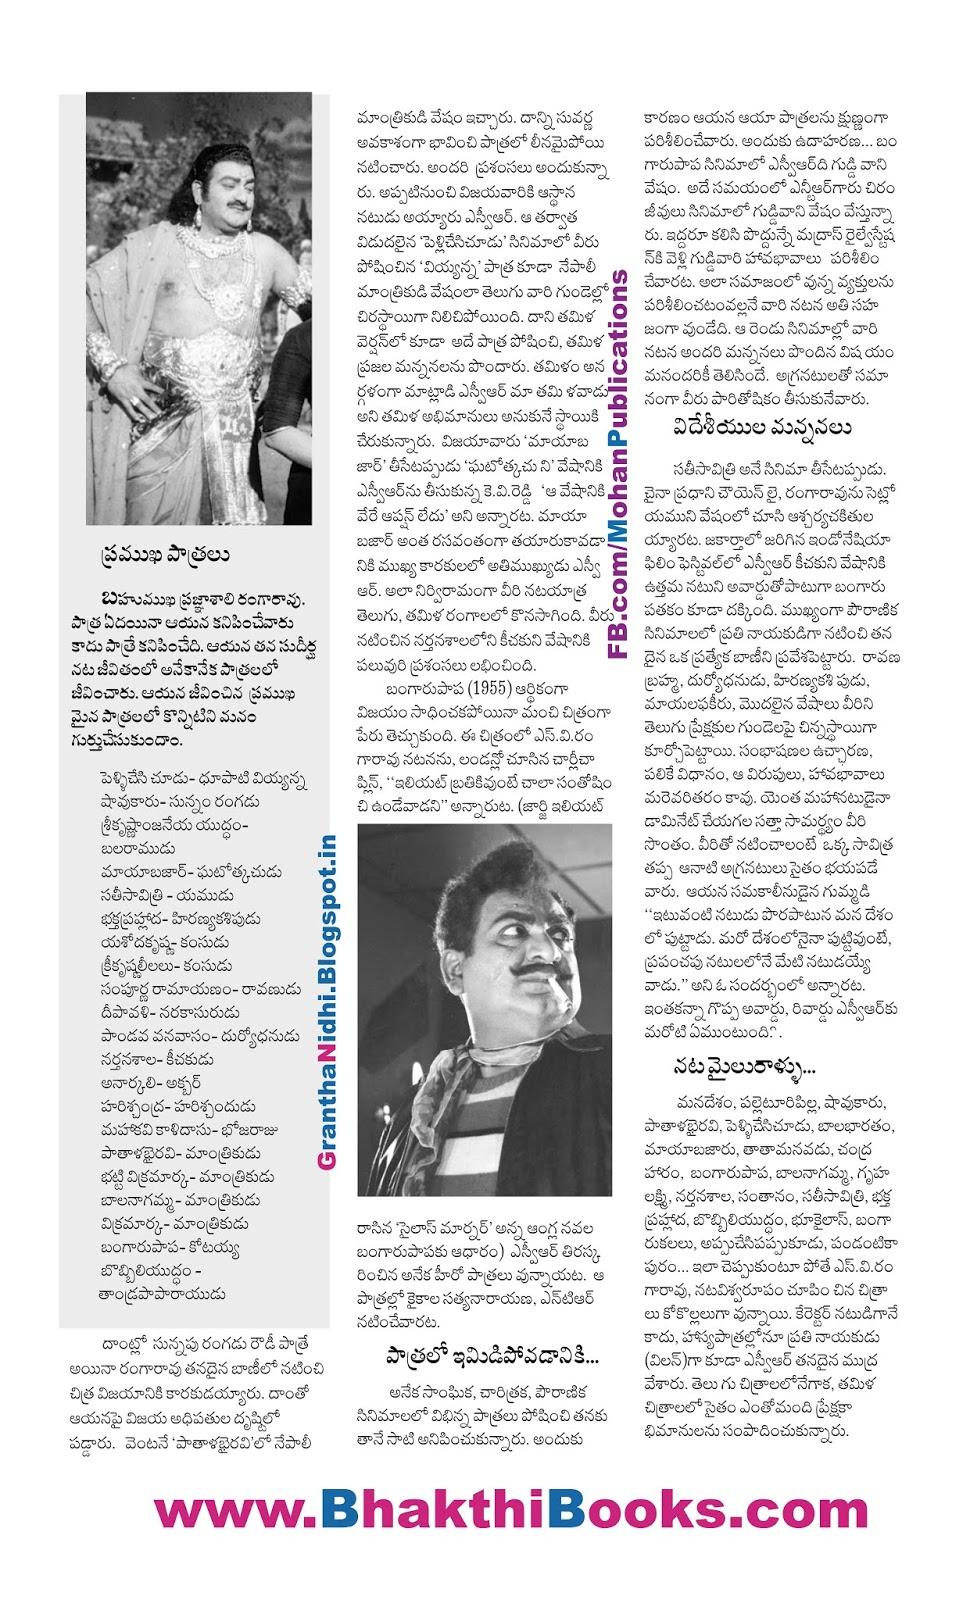 ఎస్వీ రంగారావు | S V RangaRao | SVR | Mohanpublications | Granthanidi | Bhakthipustakalu | Bhaktipustakalu | Bhakthi Pustakalu | Bhakti Pustakalu | Mohanbooks.com | BhakthiBooks.com | Bhakthibooks | Mohanbooks SV Ranga Rao Telugu Cinema Old Telugu Movies SVR Mayabazaar Guddammakatha Pathalabhairavi